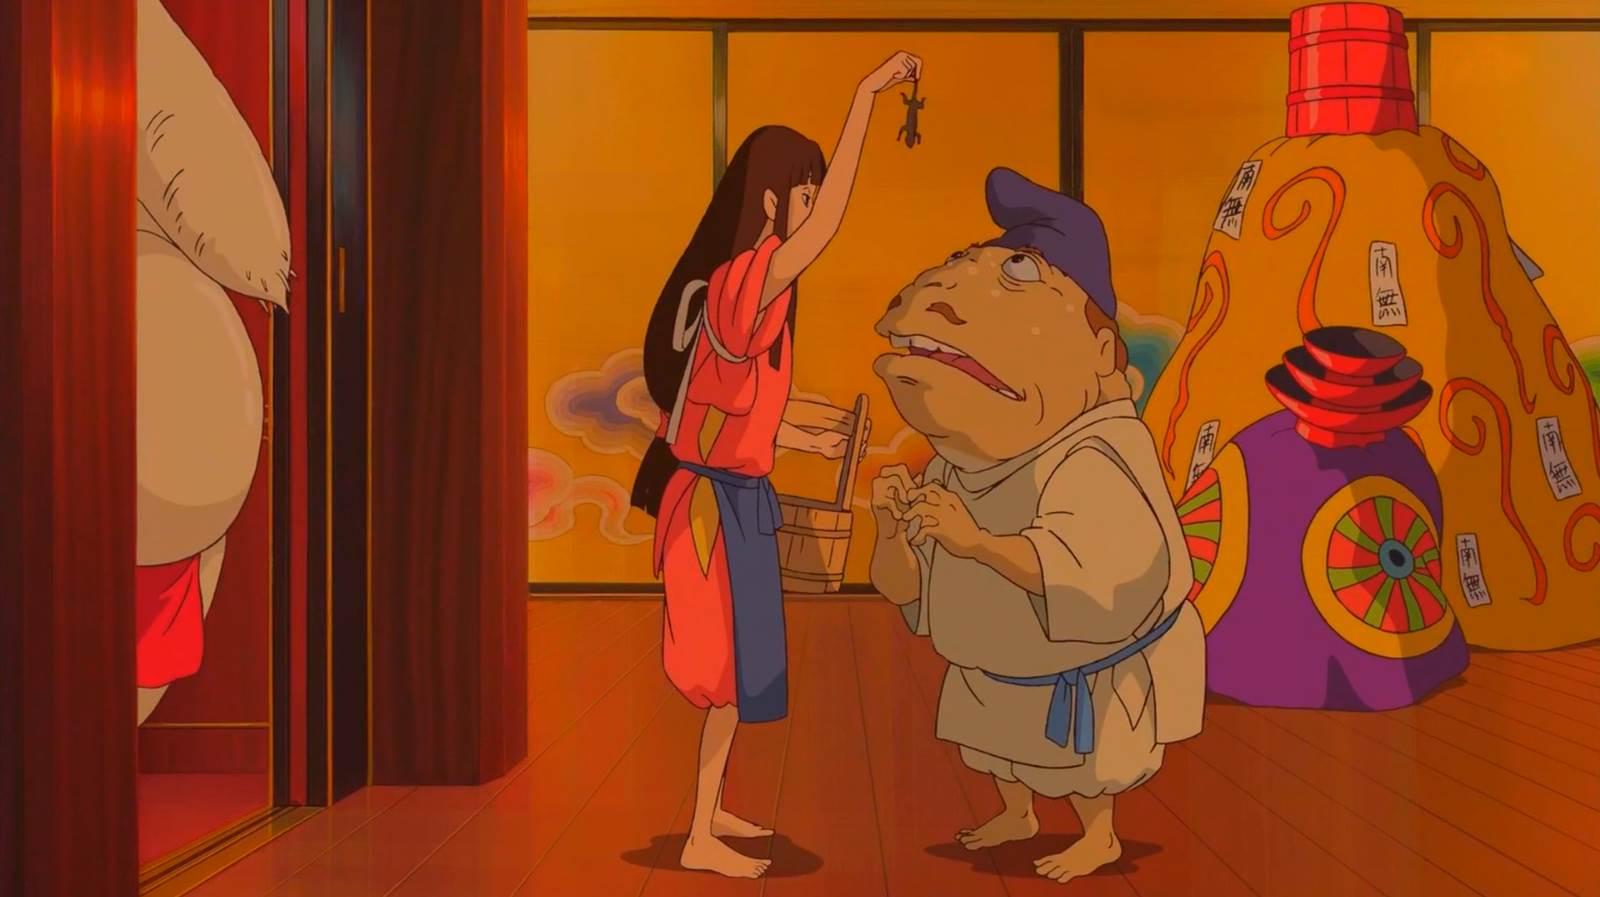 Sen to Chihiro no Kamikakushi, Roasted newt